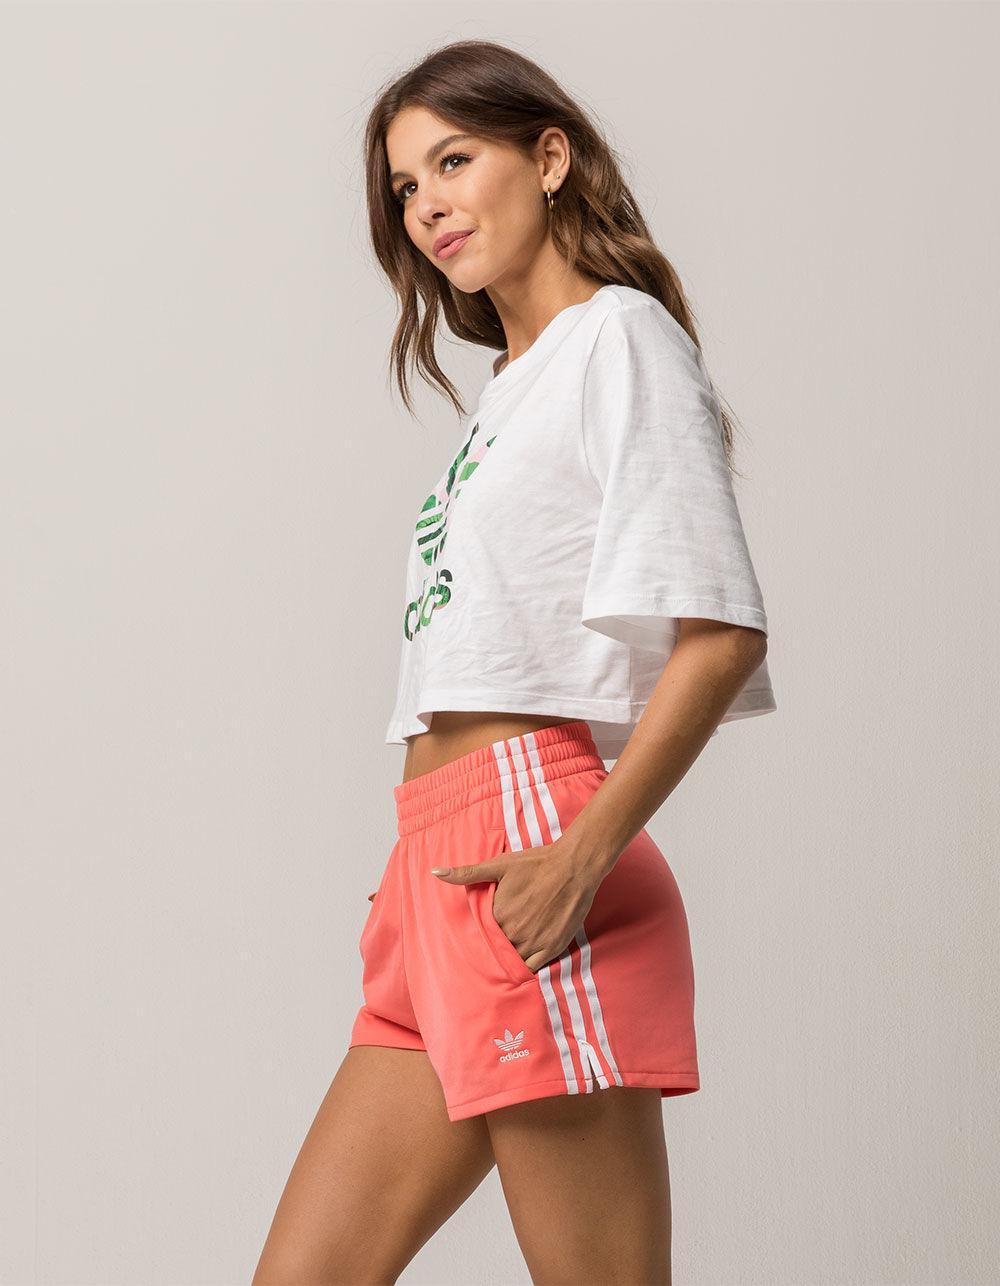 adidas shorts female